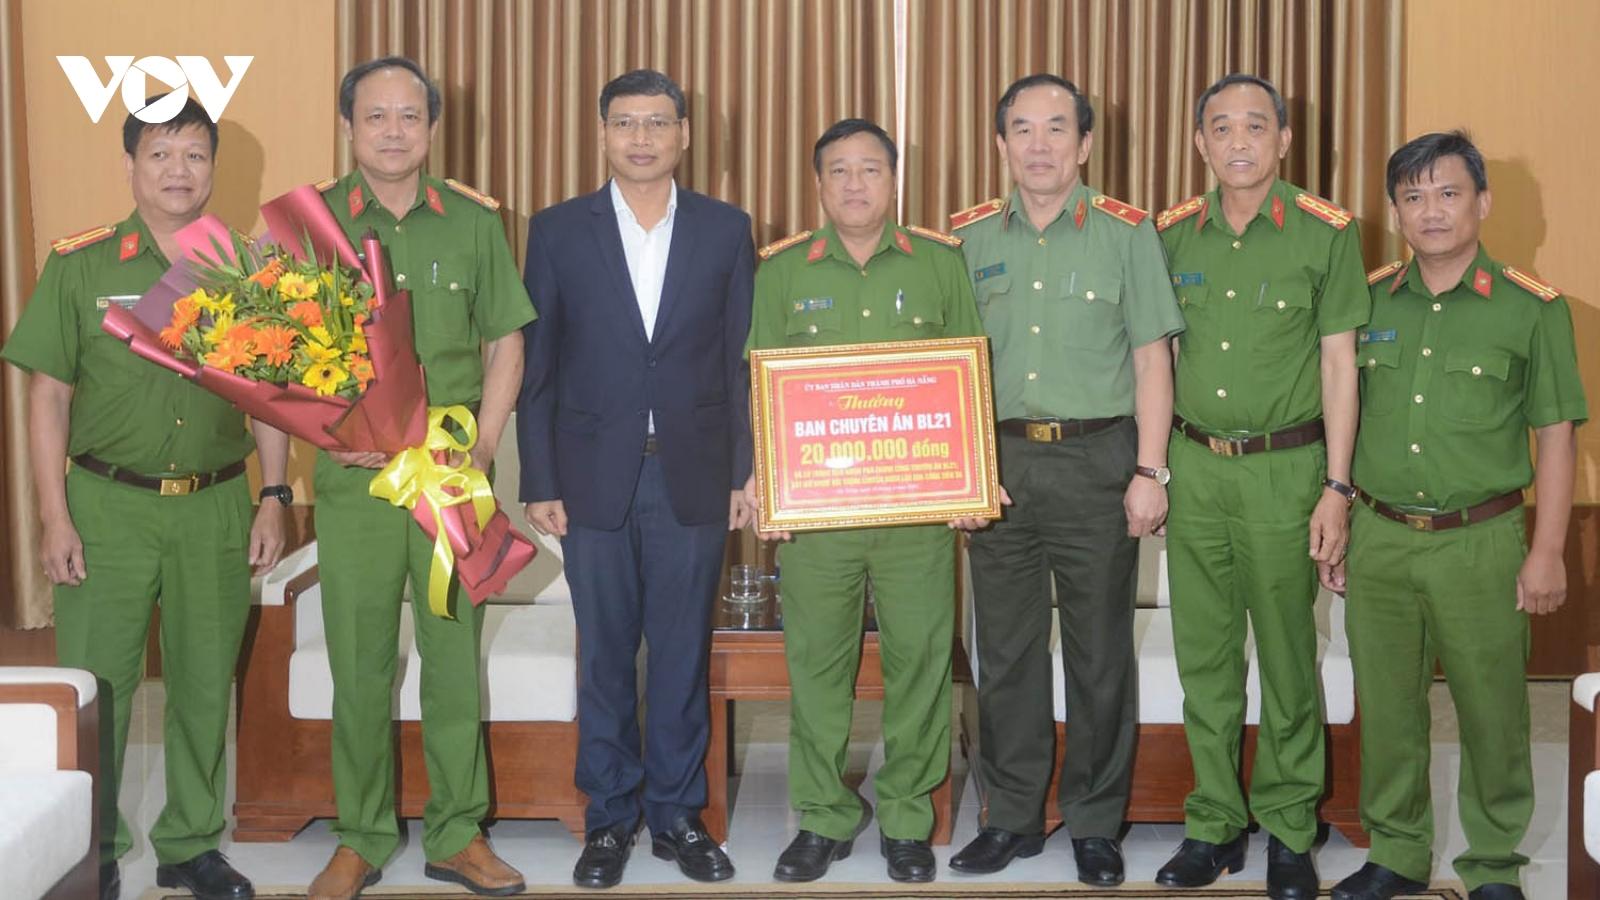 Đà Nẵng thưởng nóng ban chuyên án phá vụ buôn lậu qua cảng Tiên Sa